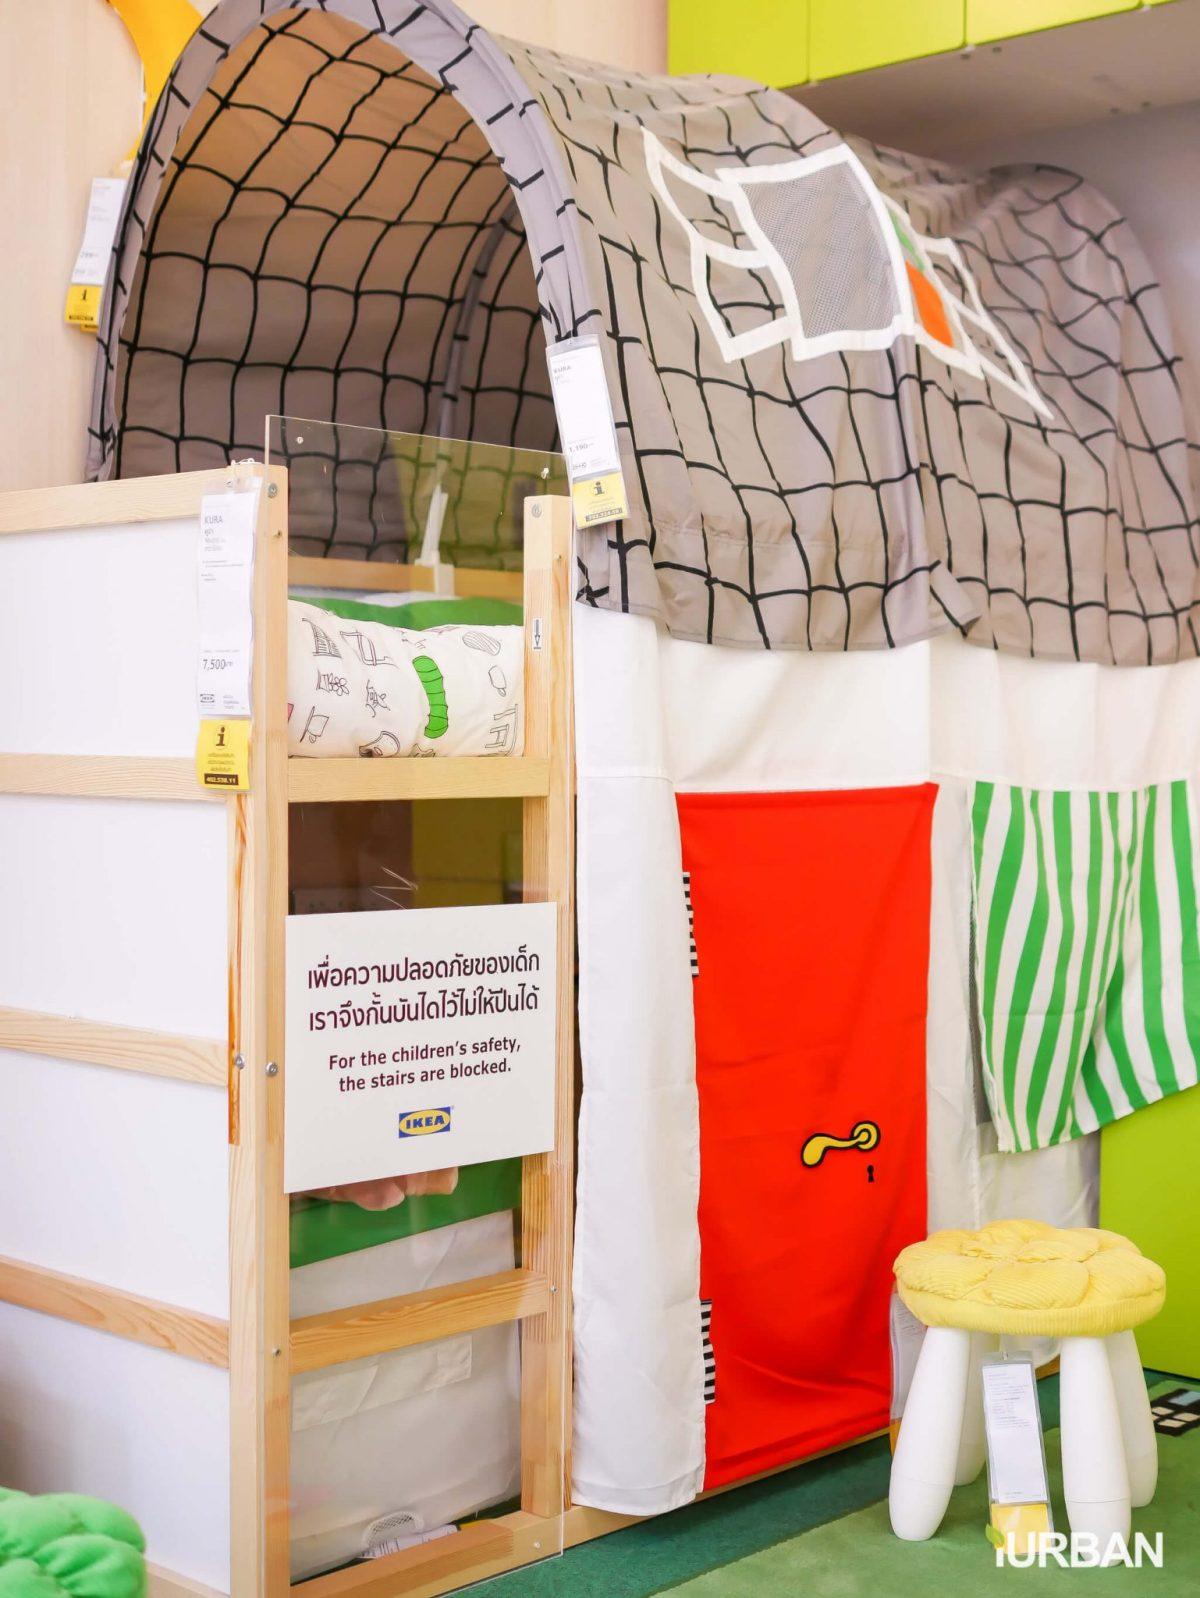 อิเกีย ภูเก็ต โฉมใหม่! ใหญ่กว่าเดิม! เพิ่มของใหม่หลายพันรายการ 43 - IKEA (อิเกีย)